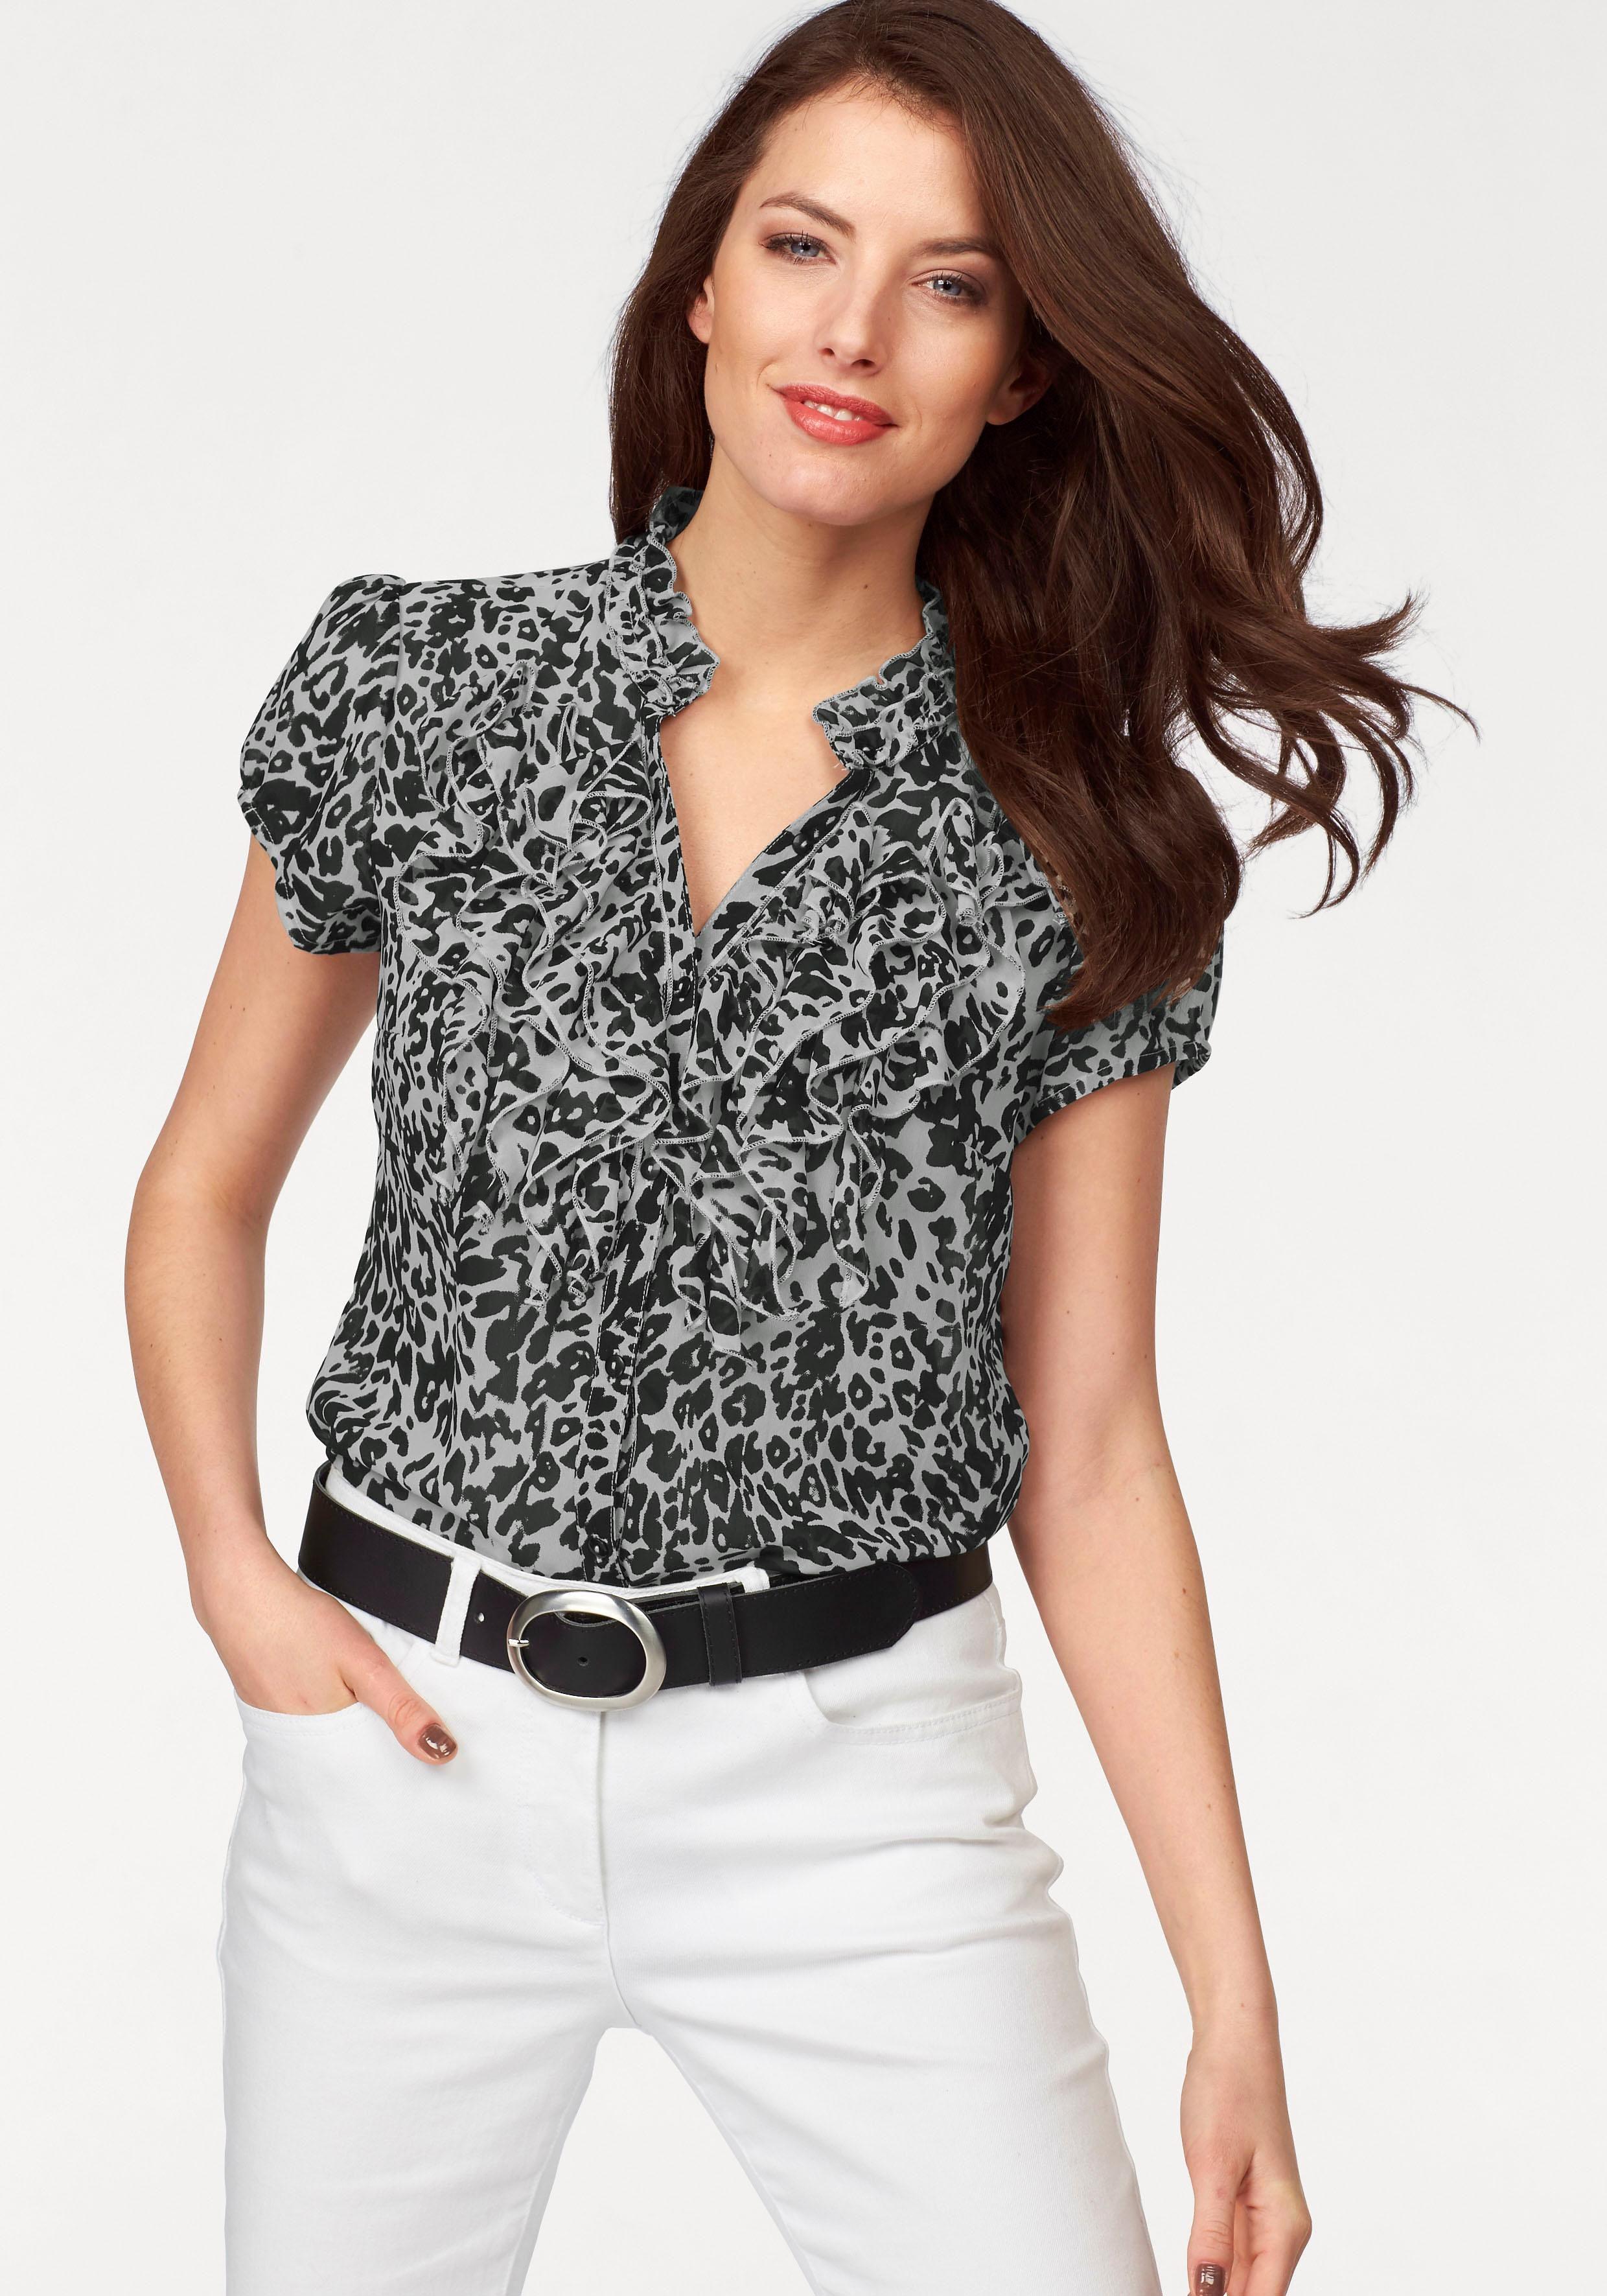 Женские блузы с рюшами